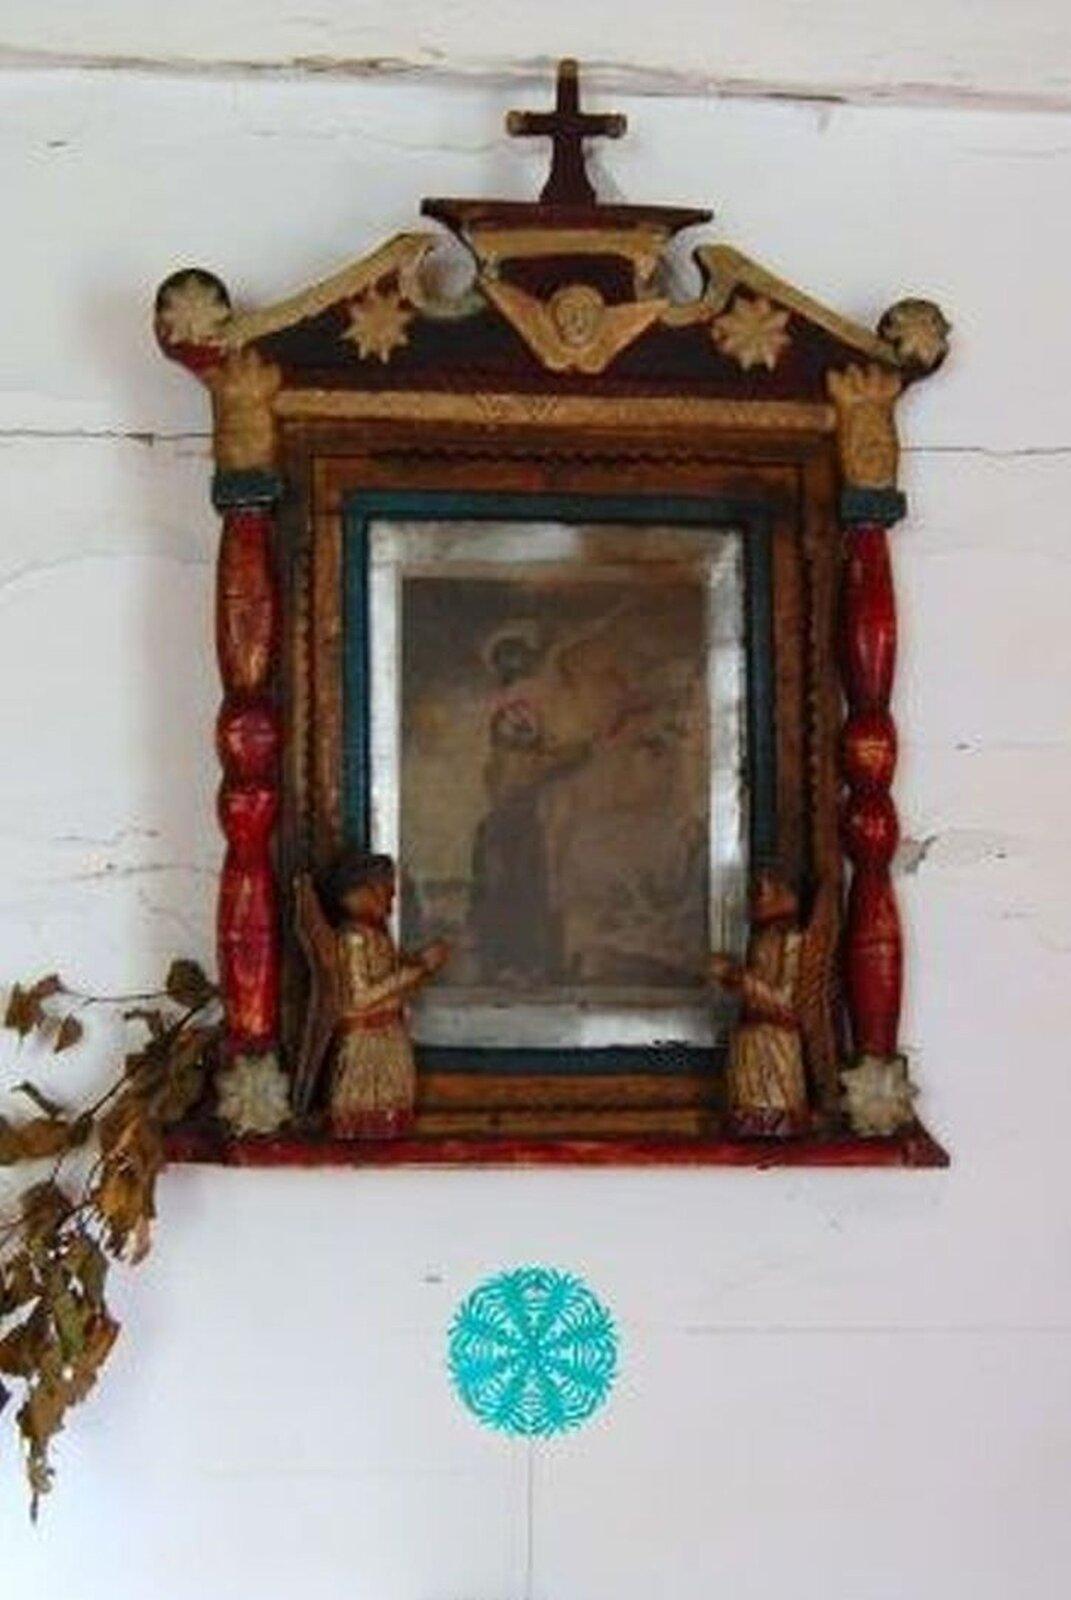 """Zdjęcie przedstawia kapliczkę szafkową. Ukazuje obraz """"Zdjęcie zkrzyża"""". Kapliczka po bokach dekorowana jest czerwonymi kolumienkami. Ugóry zdobi ją nadstawa wkształcie przerwanego tympanonu, zwieńczona krzyżem. Wewnątrz tympanonu zamieszczona jest głowa aniołka ze skrzydłami. Udołu, na podstawie klęczą dwa anioły ze złożonymi rękoma."""